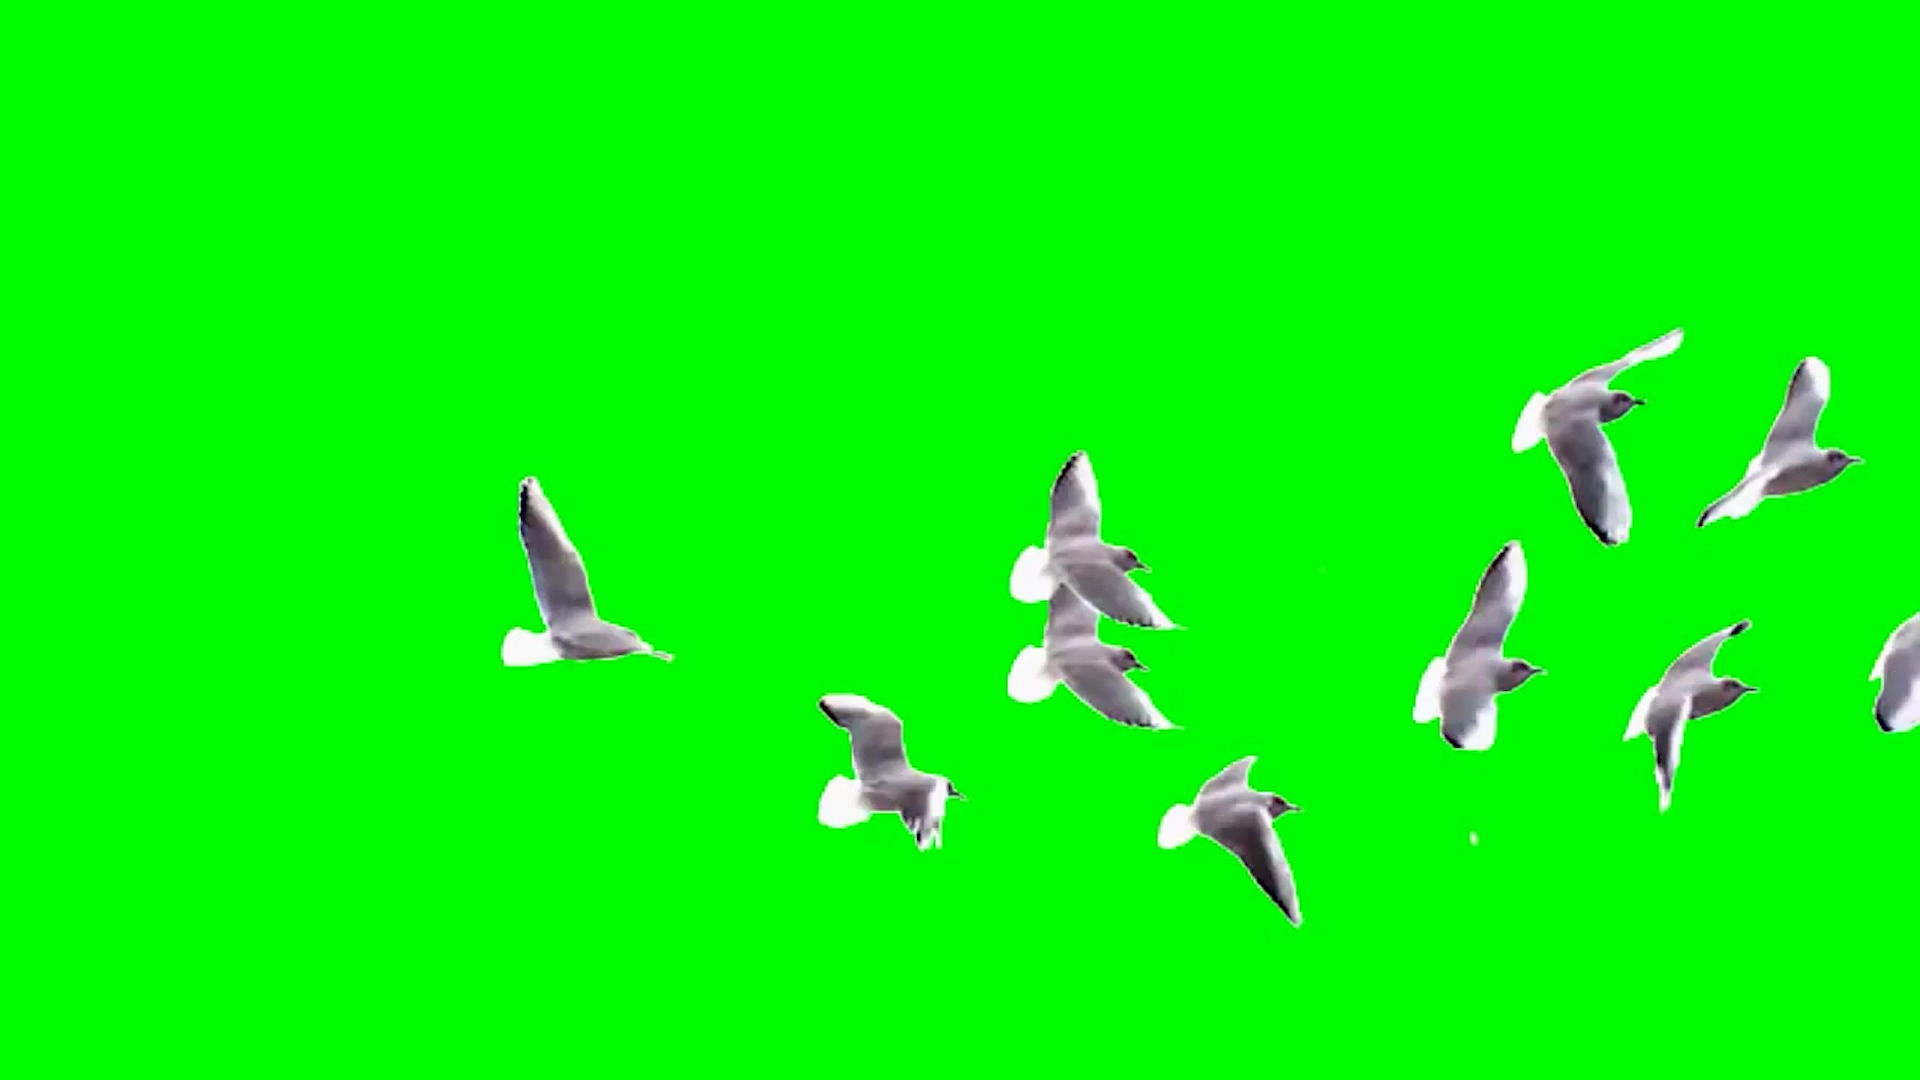 一群鸽子飞过屏幕绿幕素材